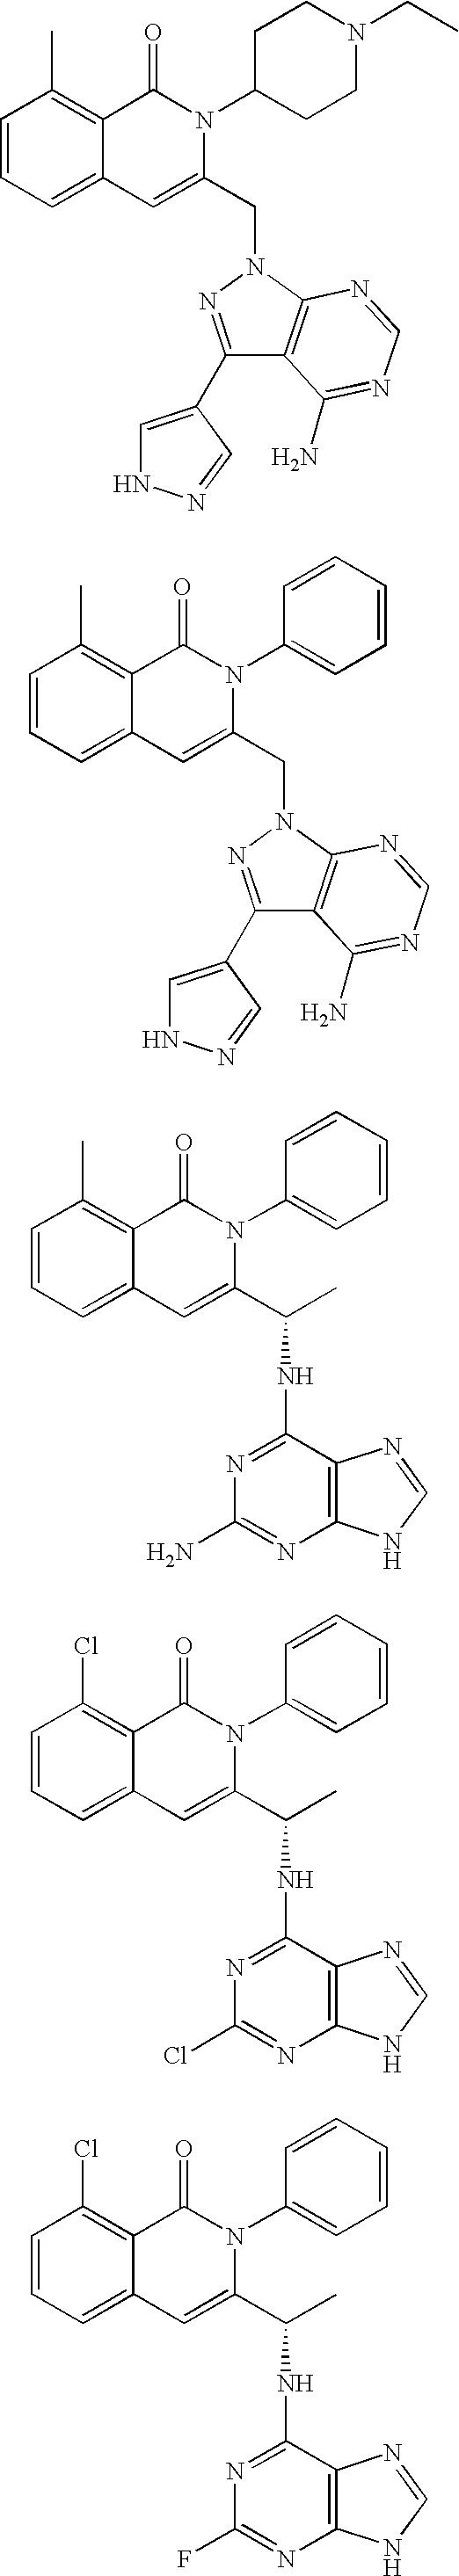 Figure US08193182-20120605-C00278